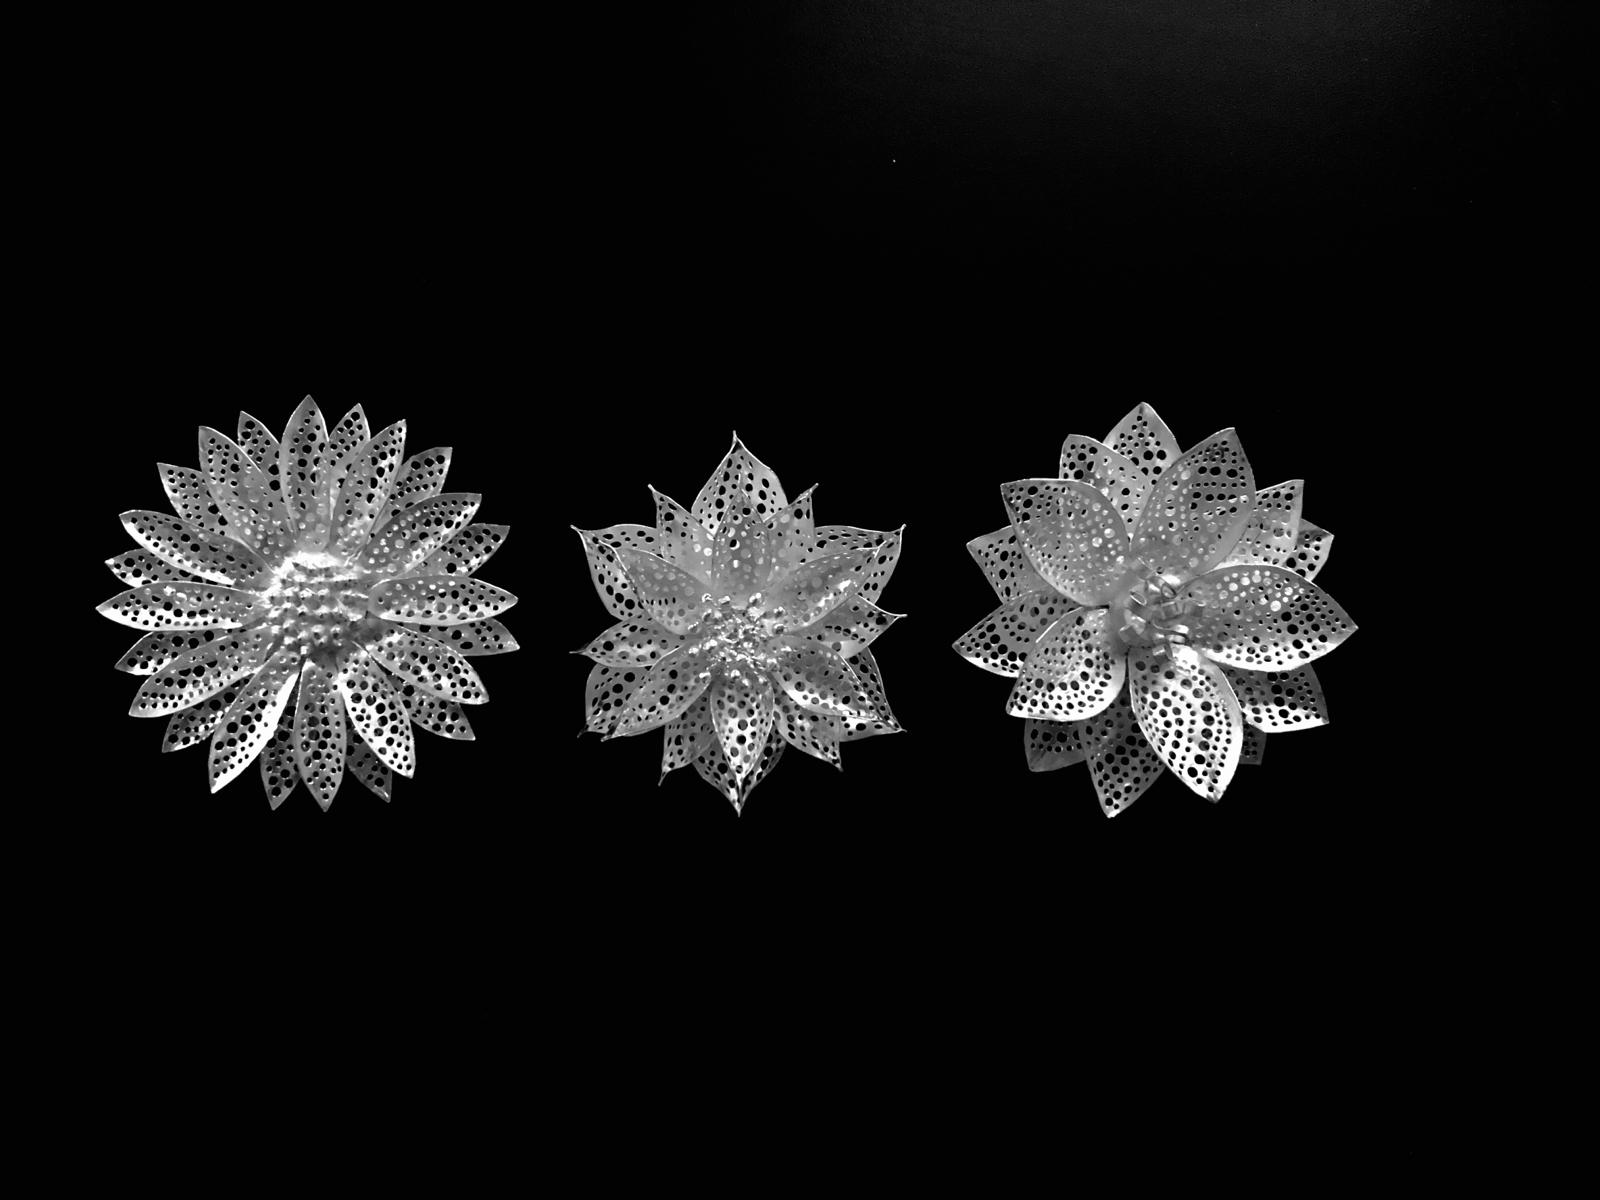 「第16回 銀粘土でつくる シルバーアクセサリーコンテスト国際展」_e0095418_12580802.jpg